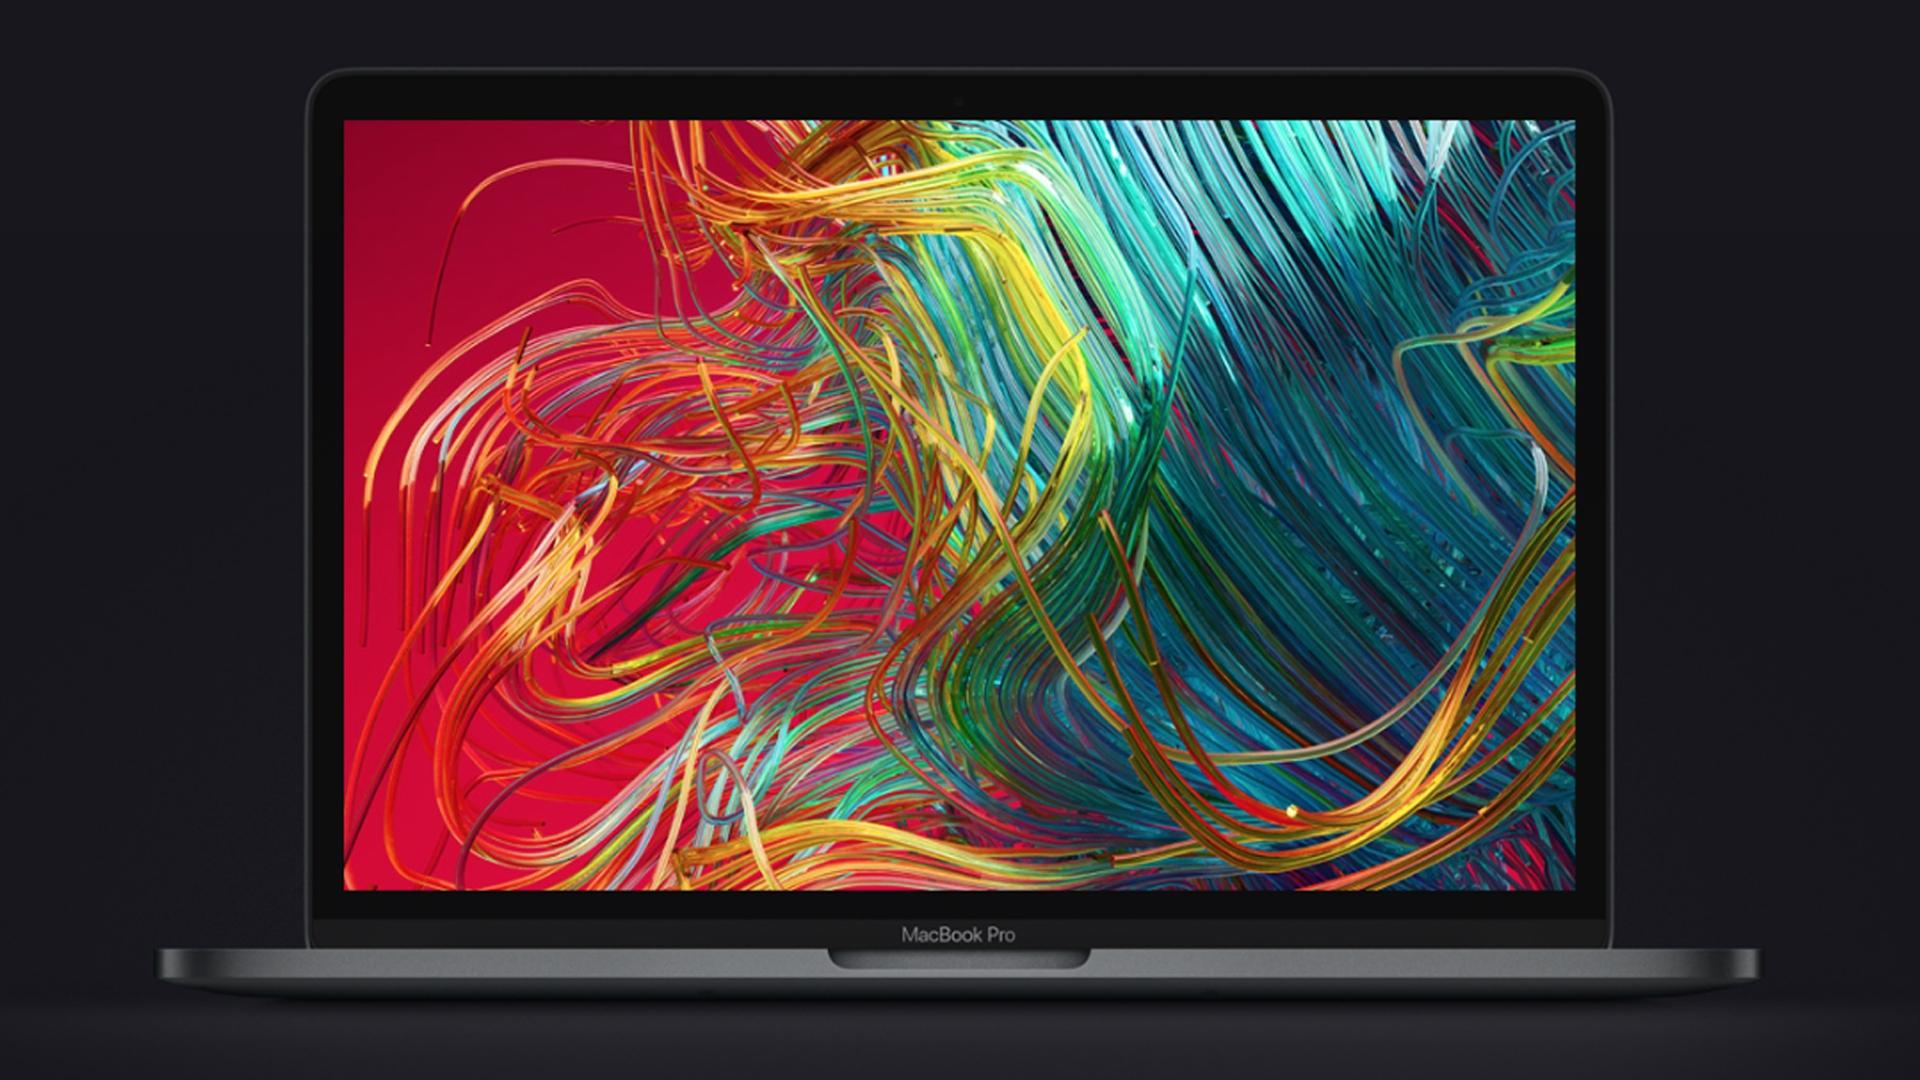 Tela do Macbook Pro 13